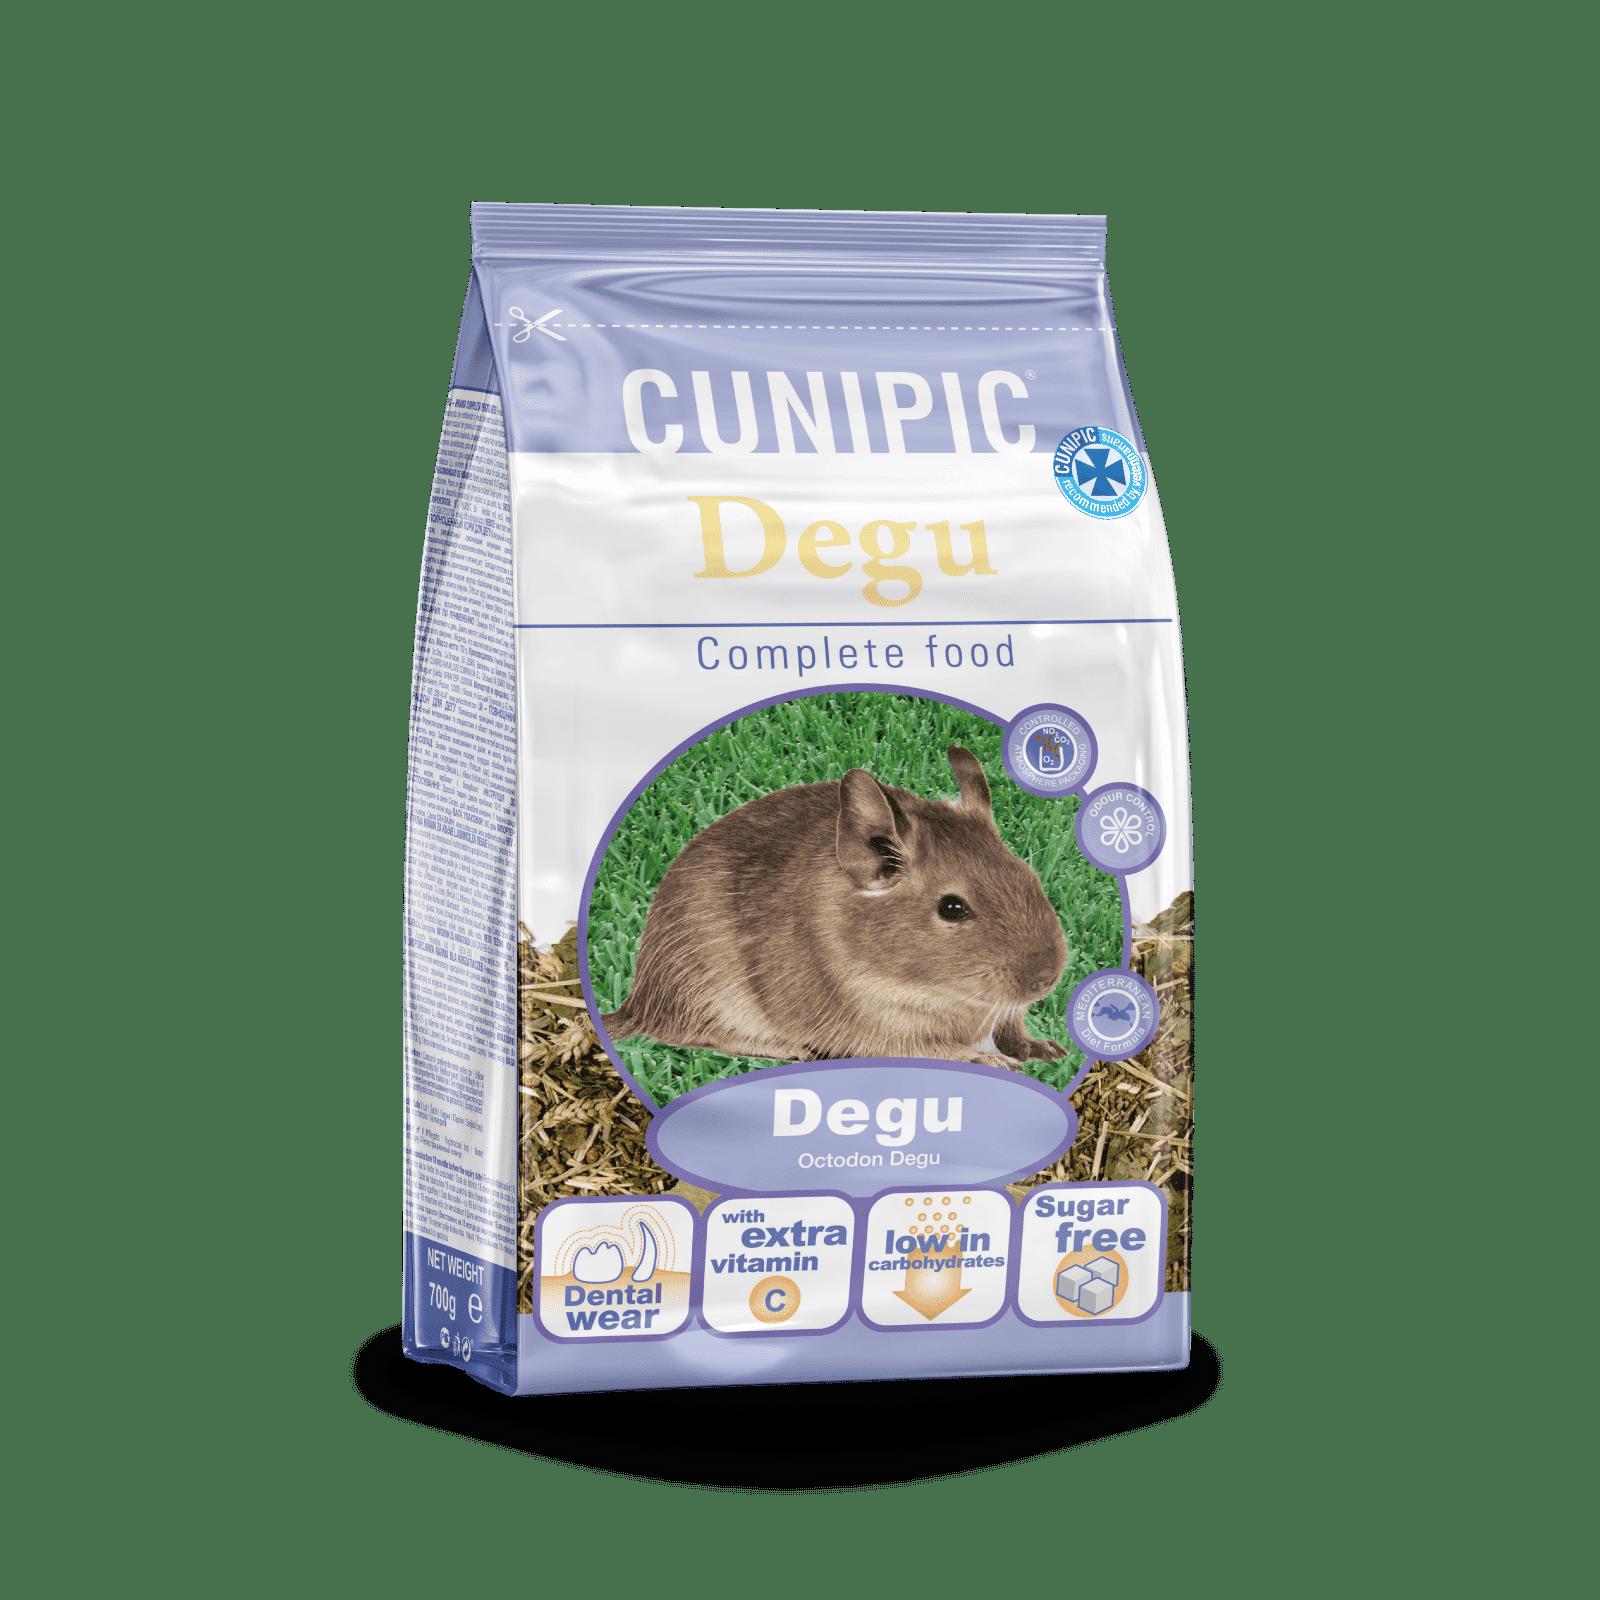 Alimentación Súper Premium para Degúes 700 g Cunipic